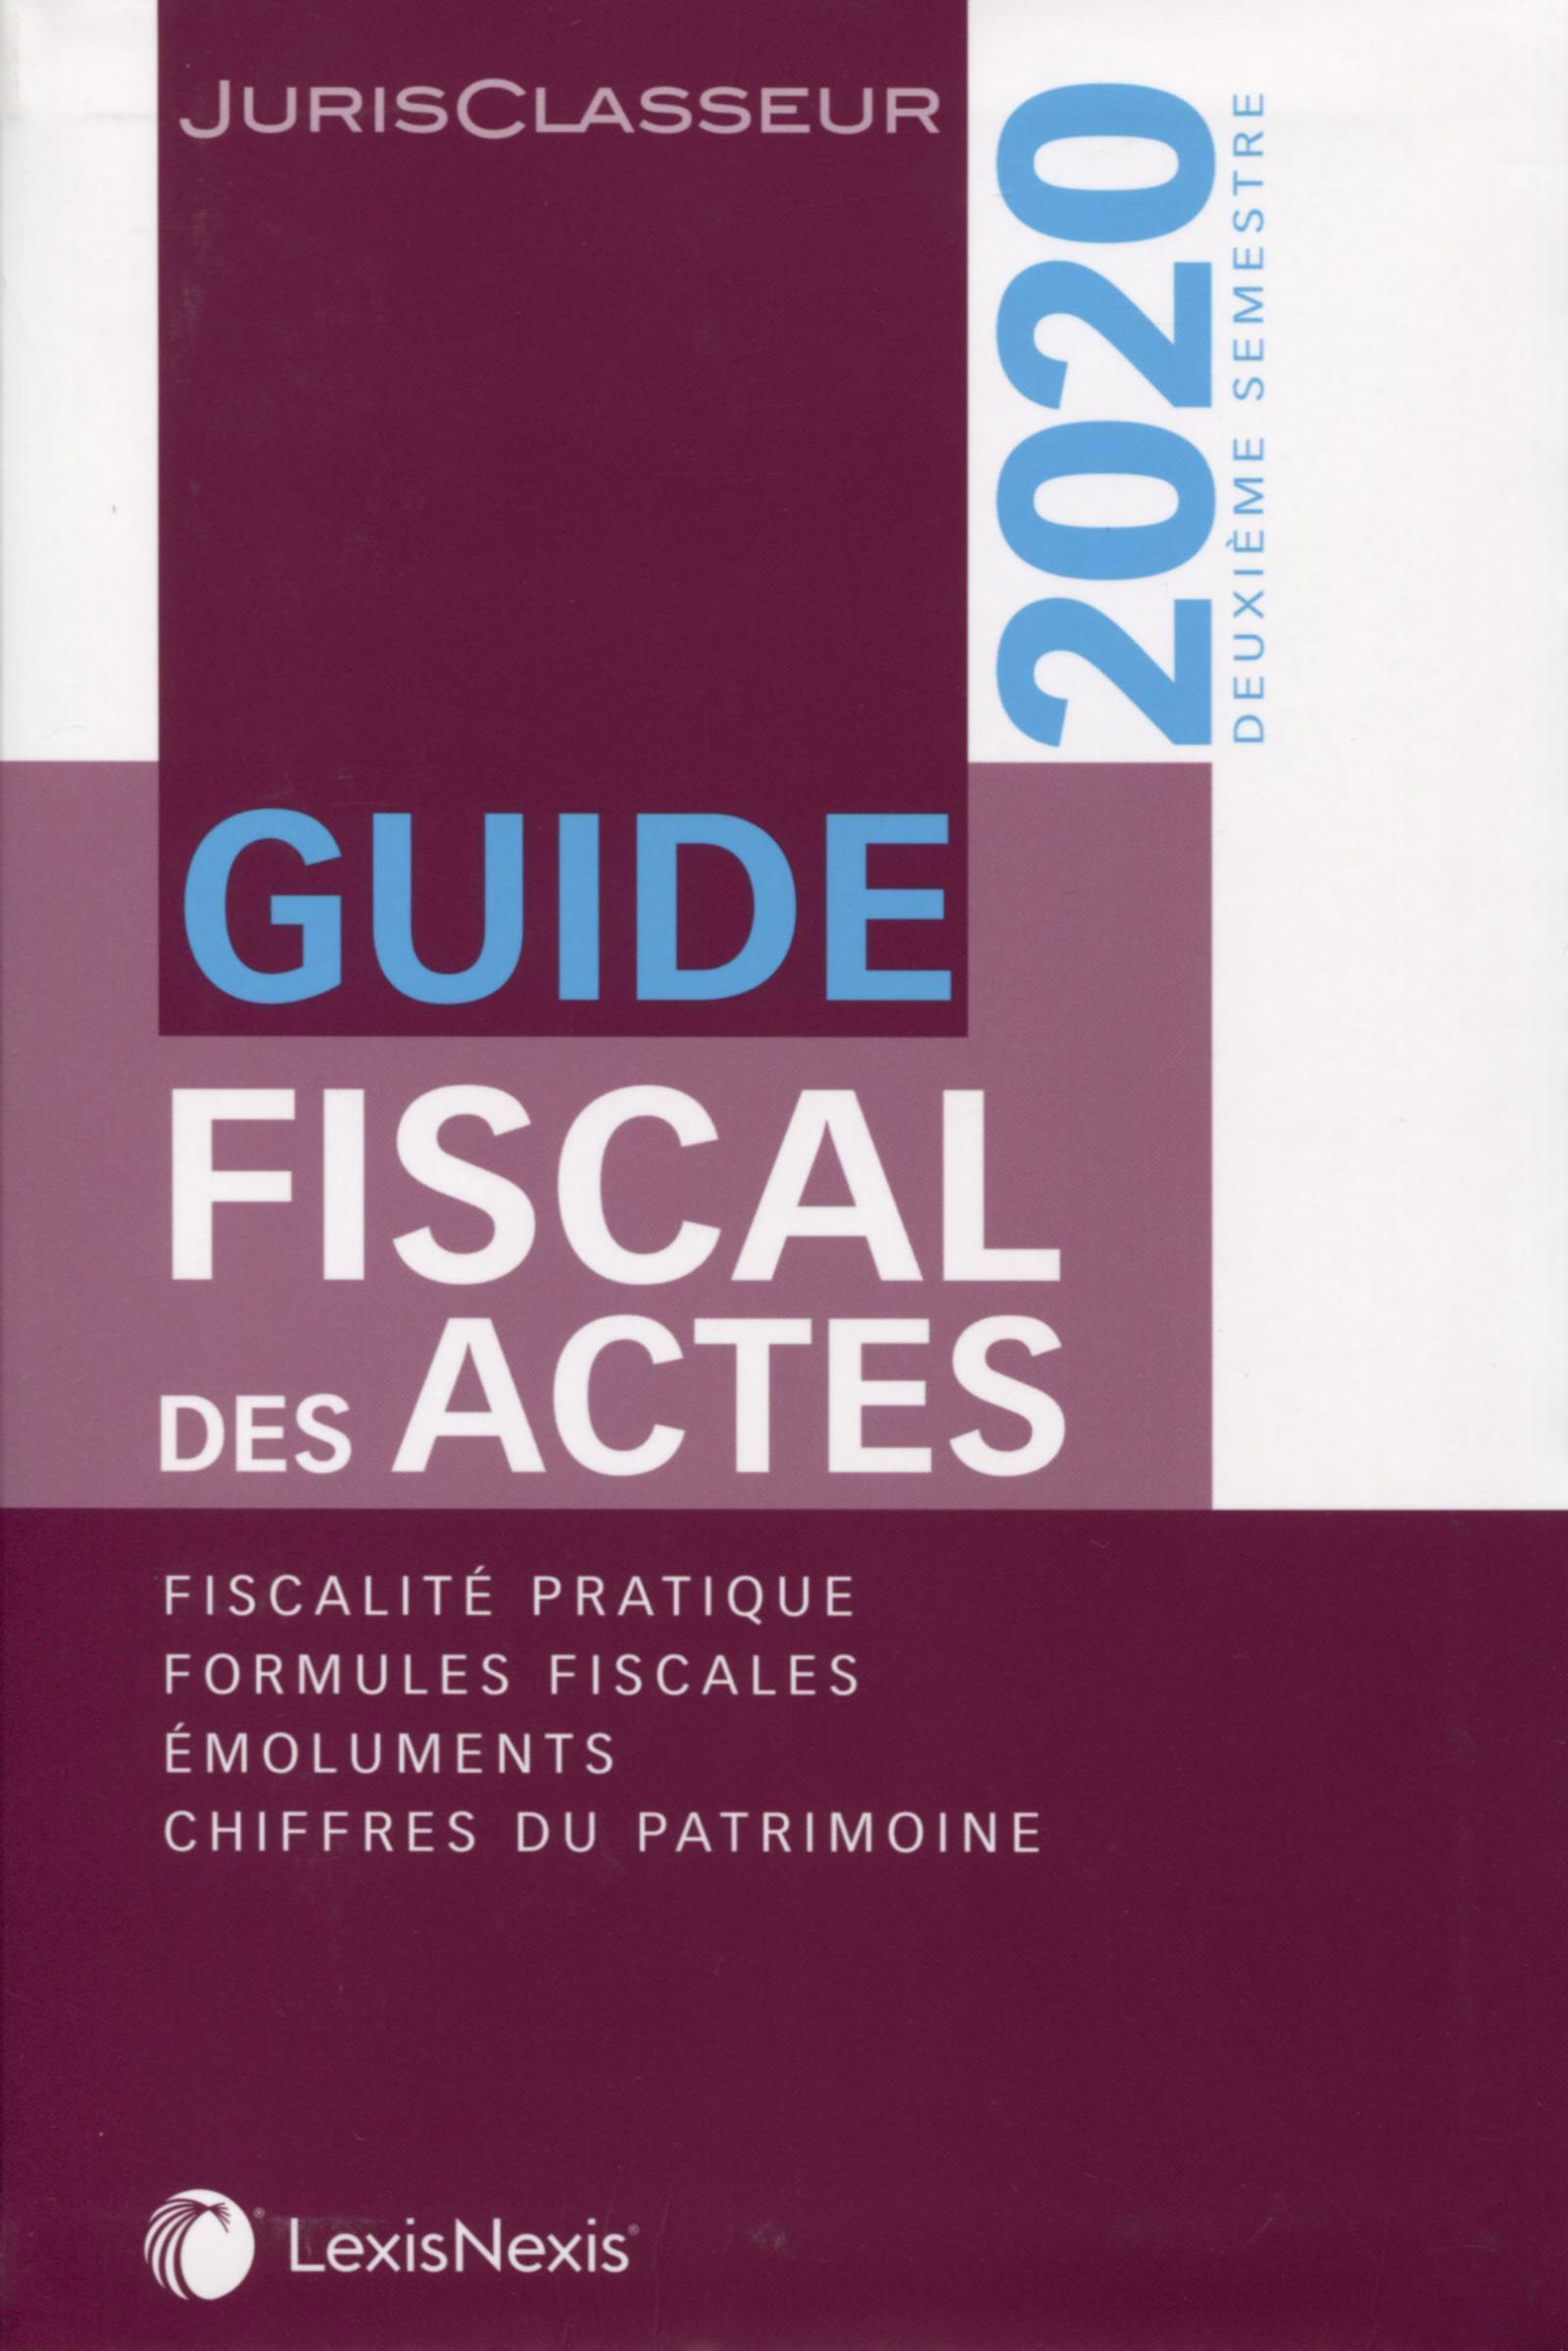 GUIDE FISCAL DES ACTES 2EME SEMESTRE 2020